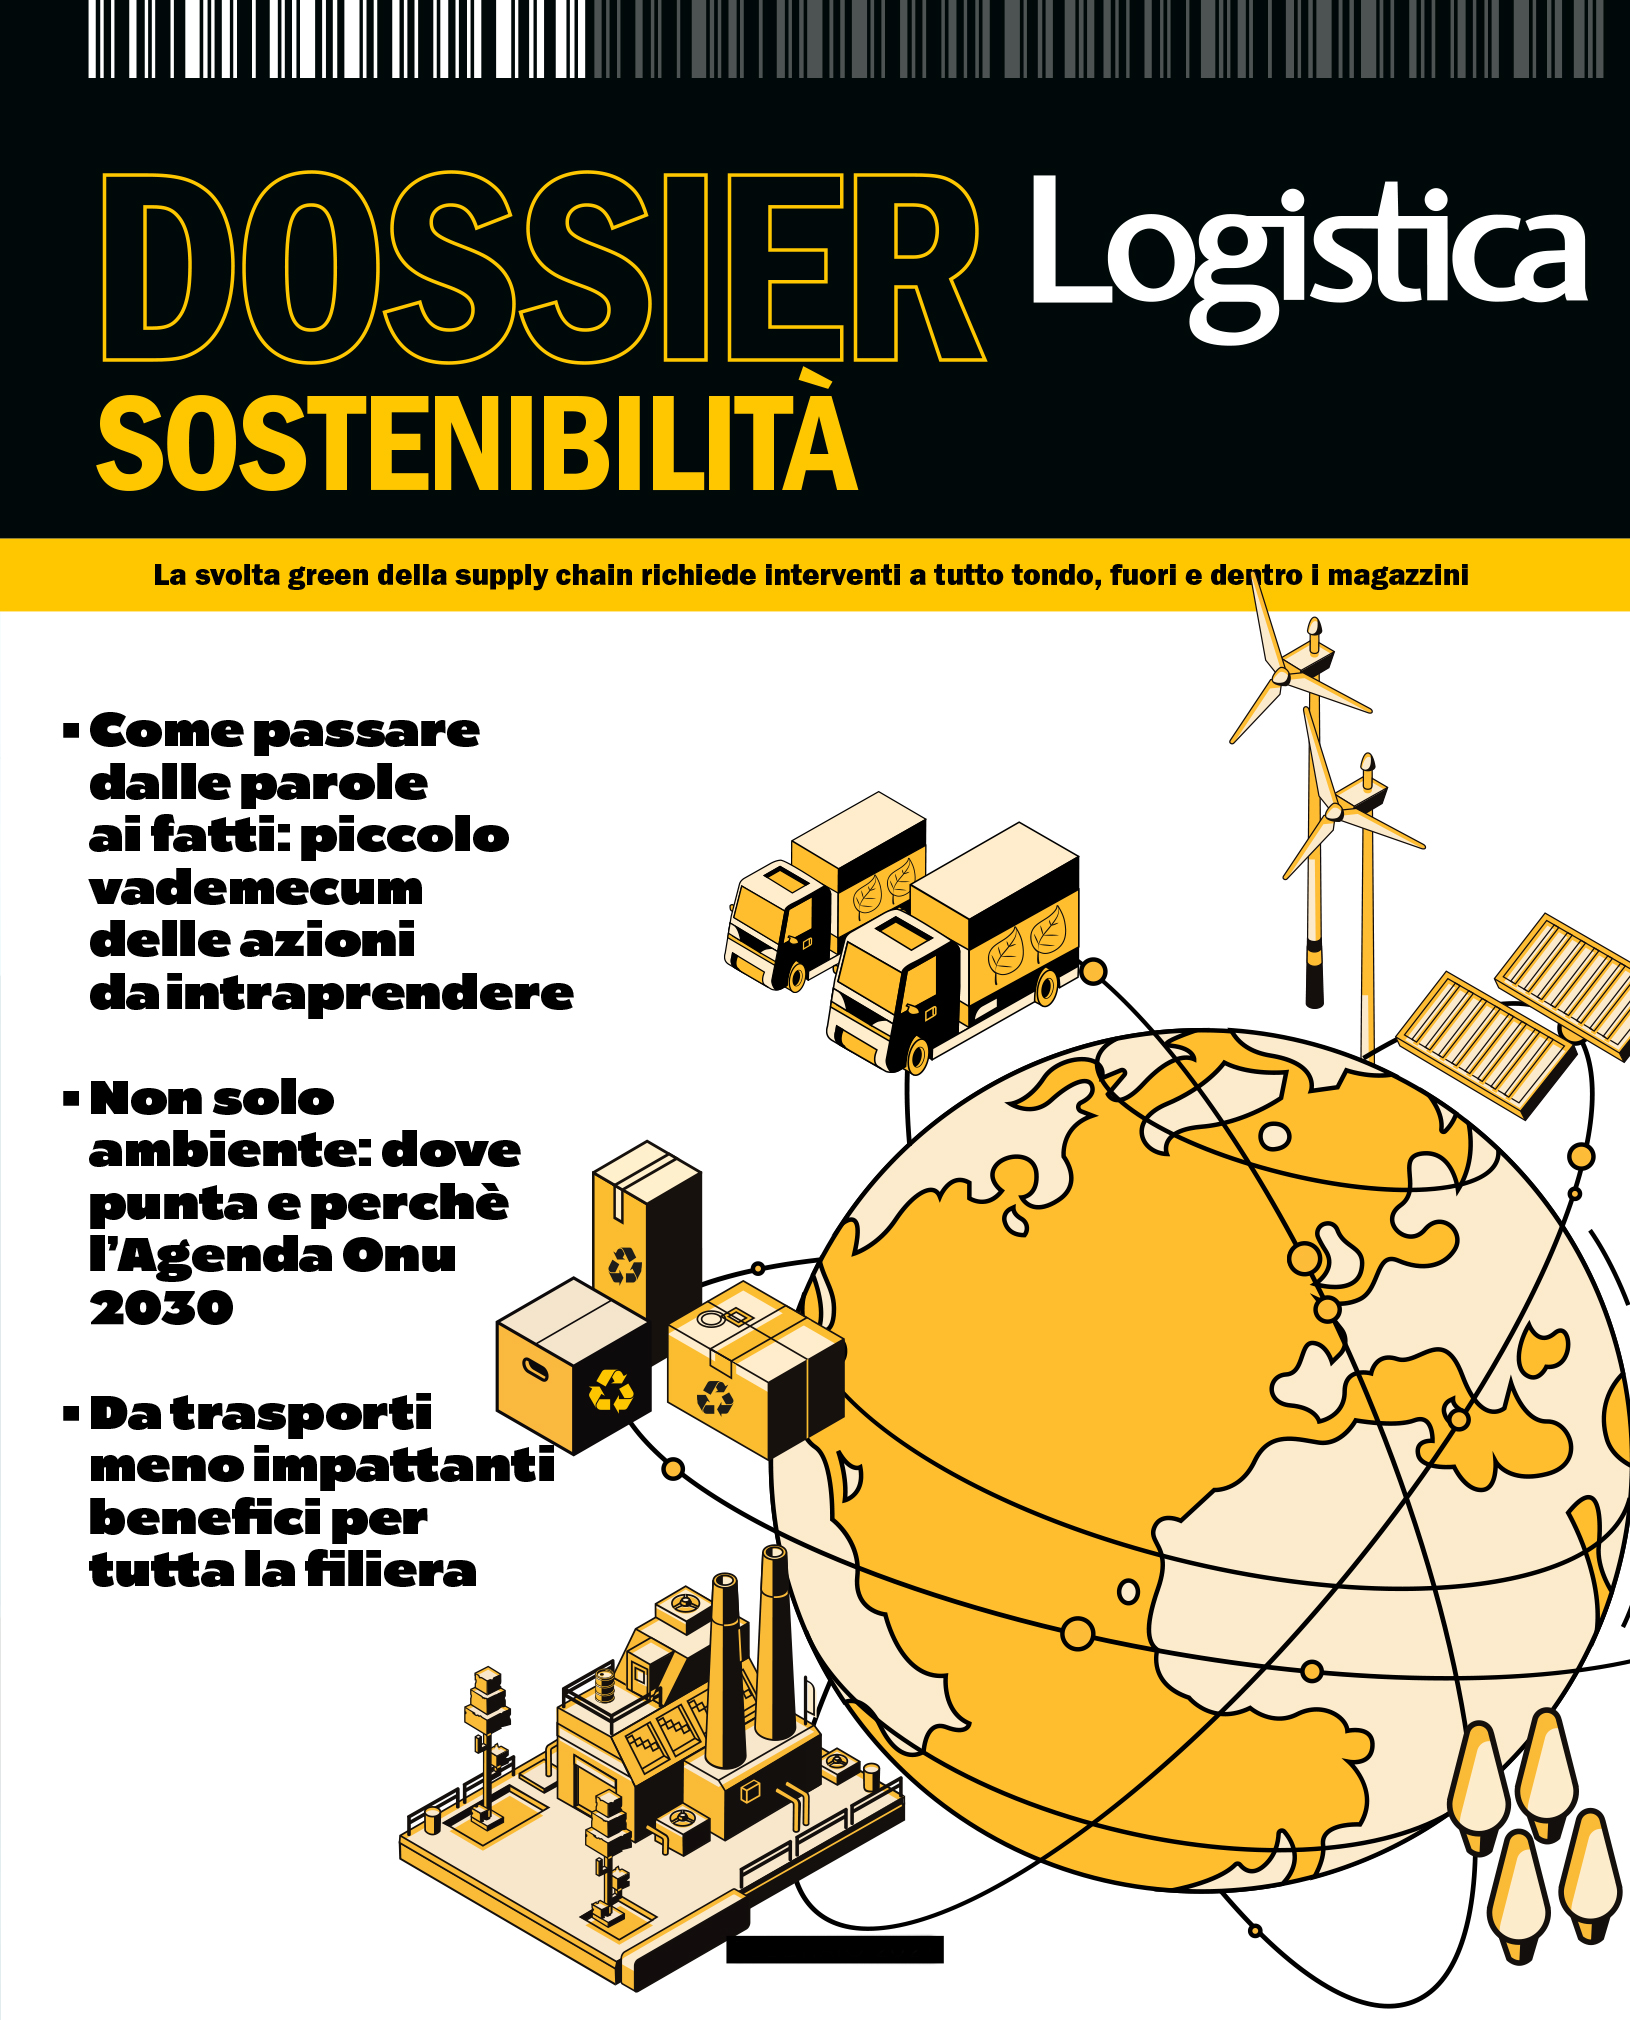 LO_2021_002_025_Cover-Dossier_2_21